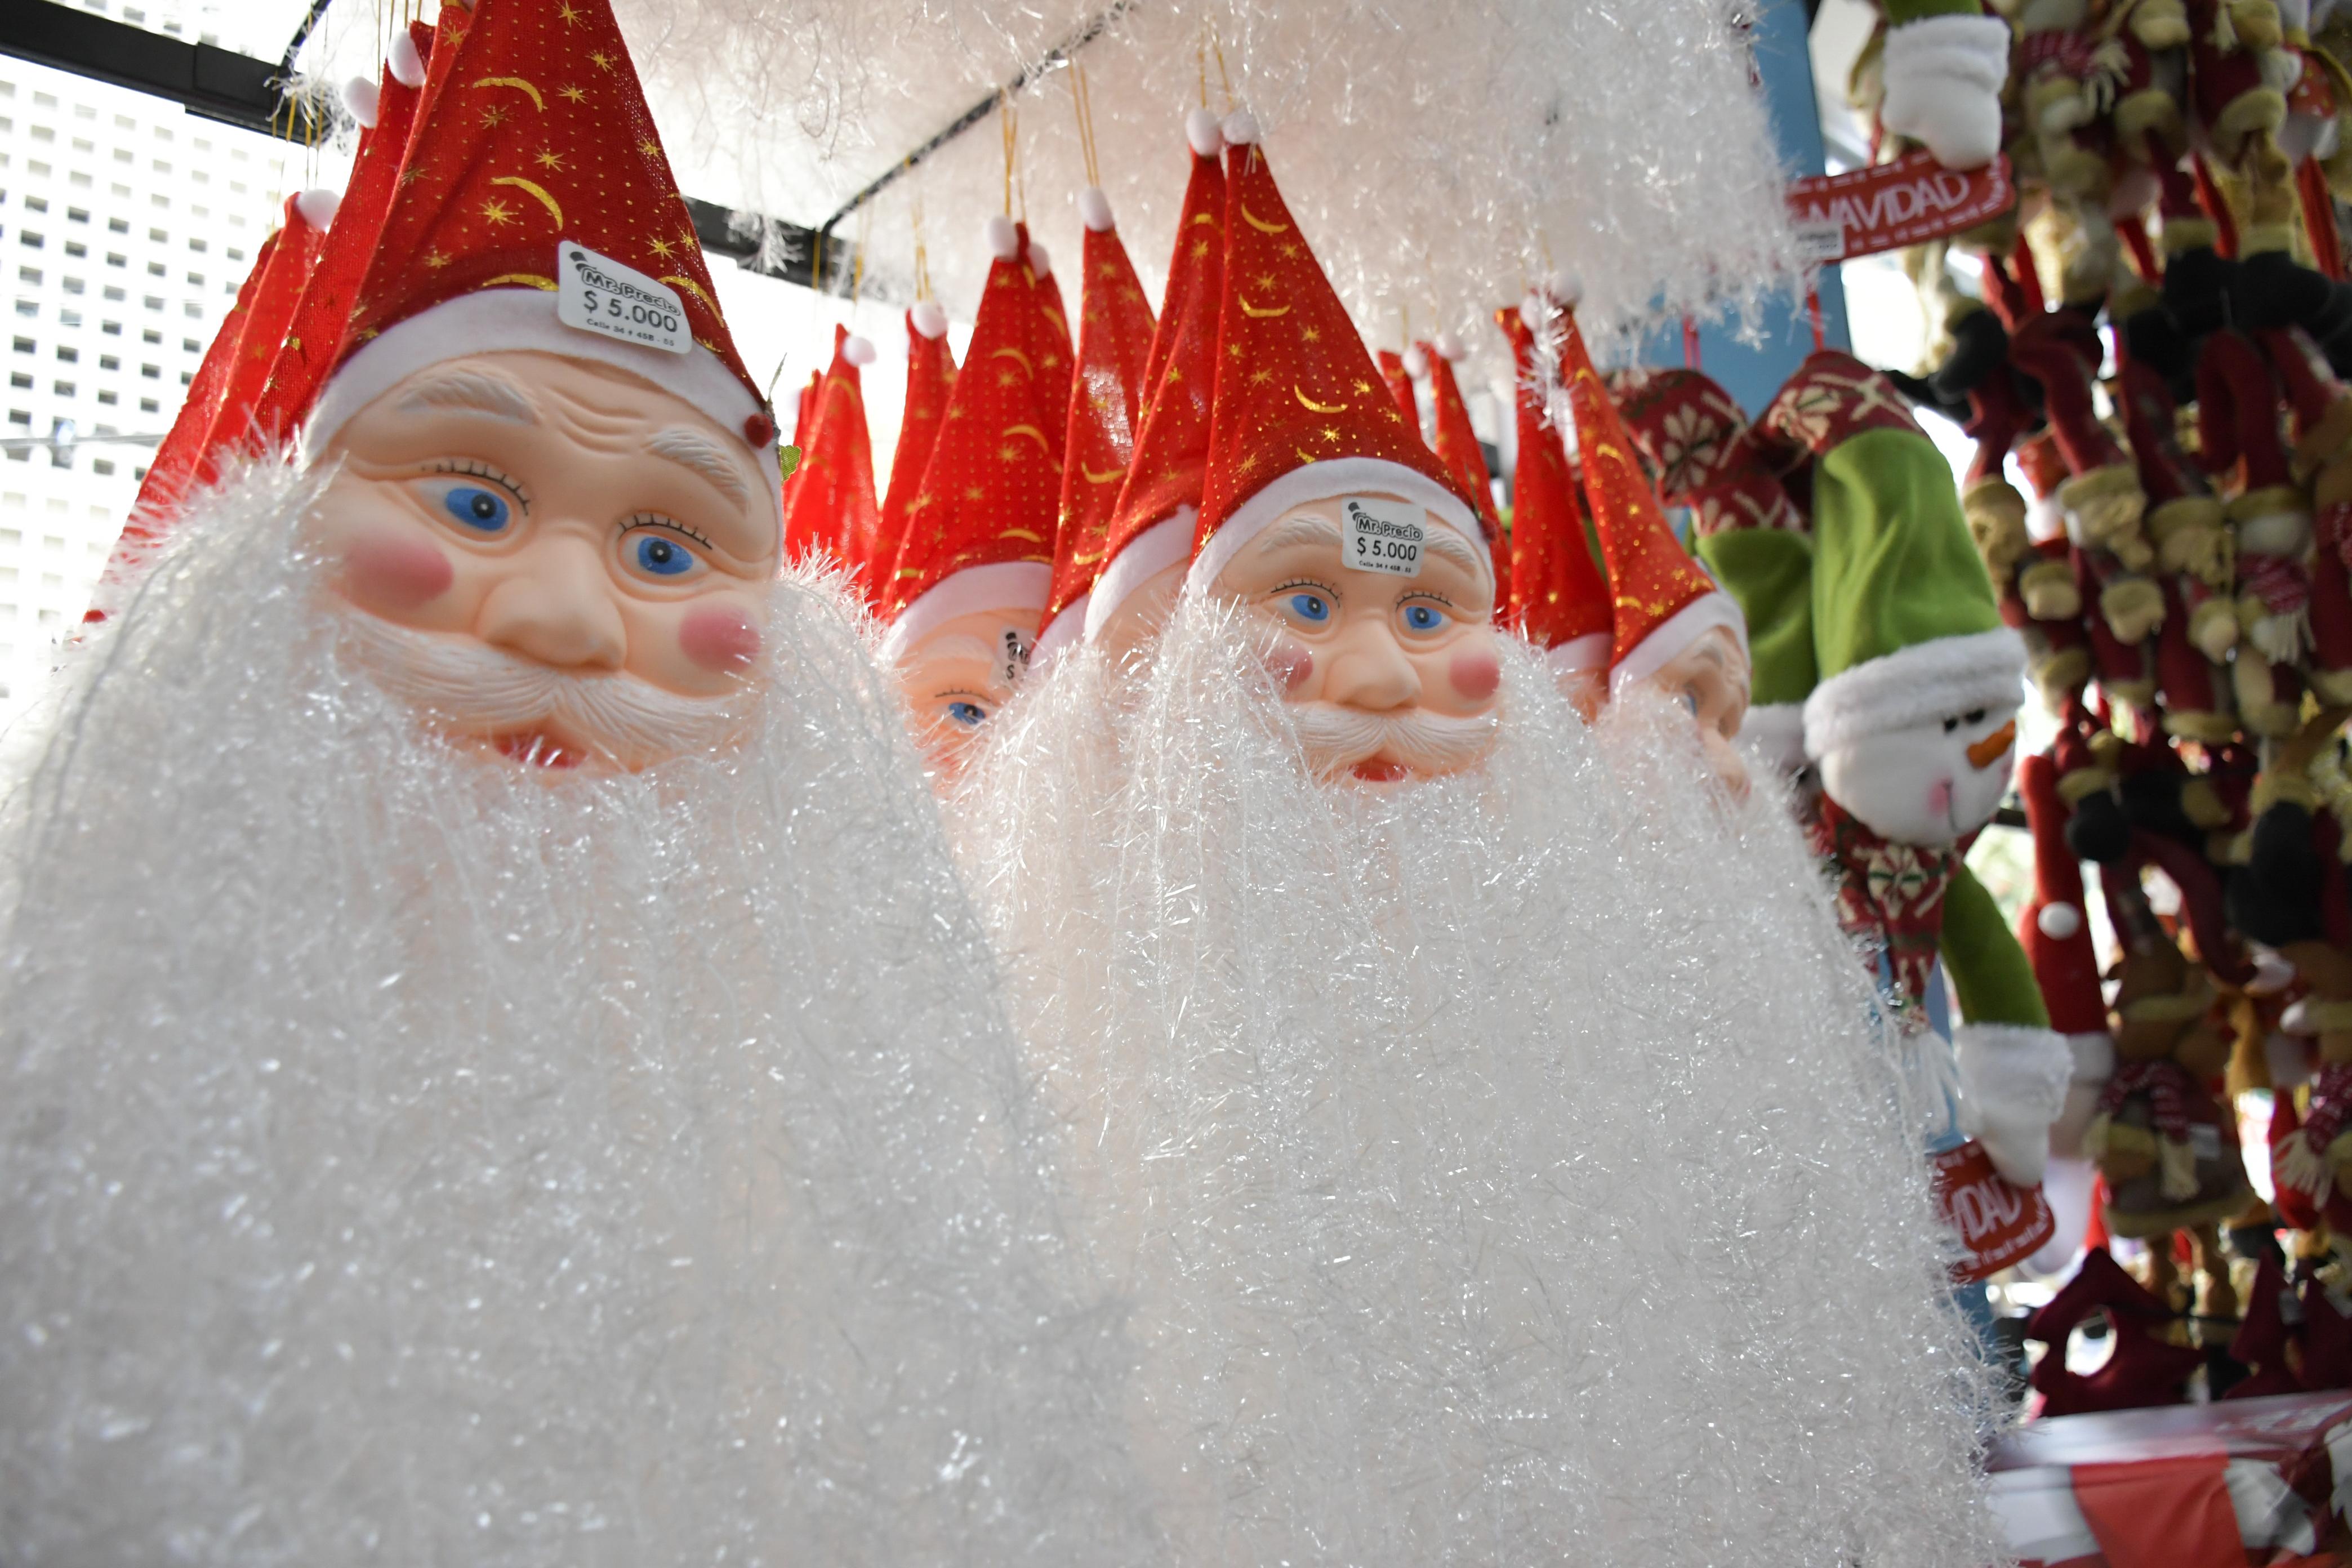 Figuras de Papá Noel en exposición.